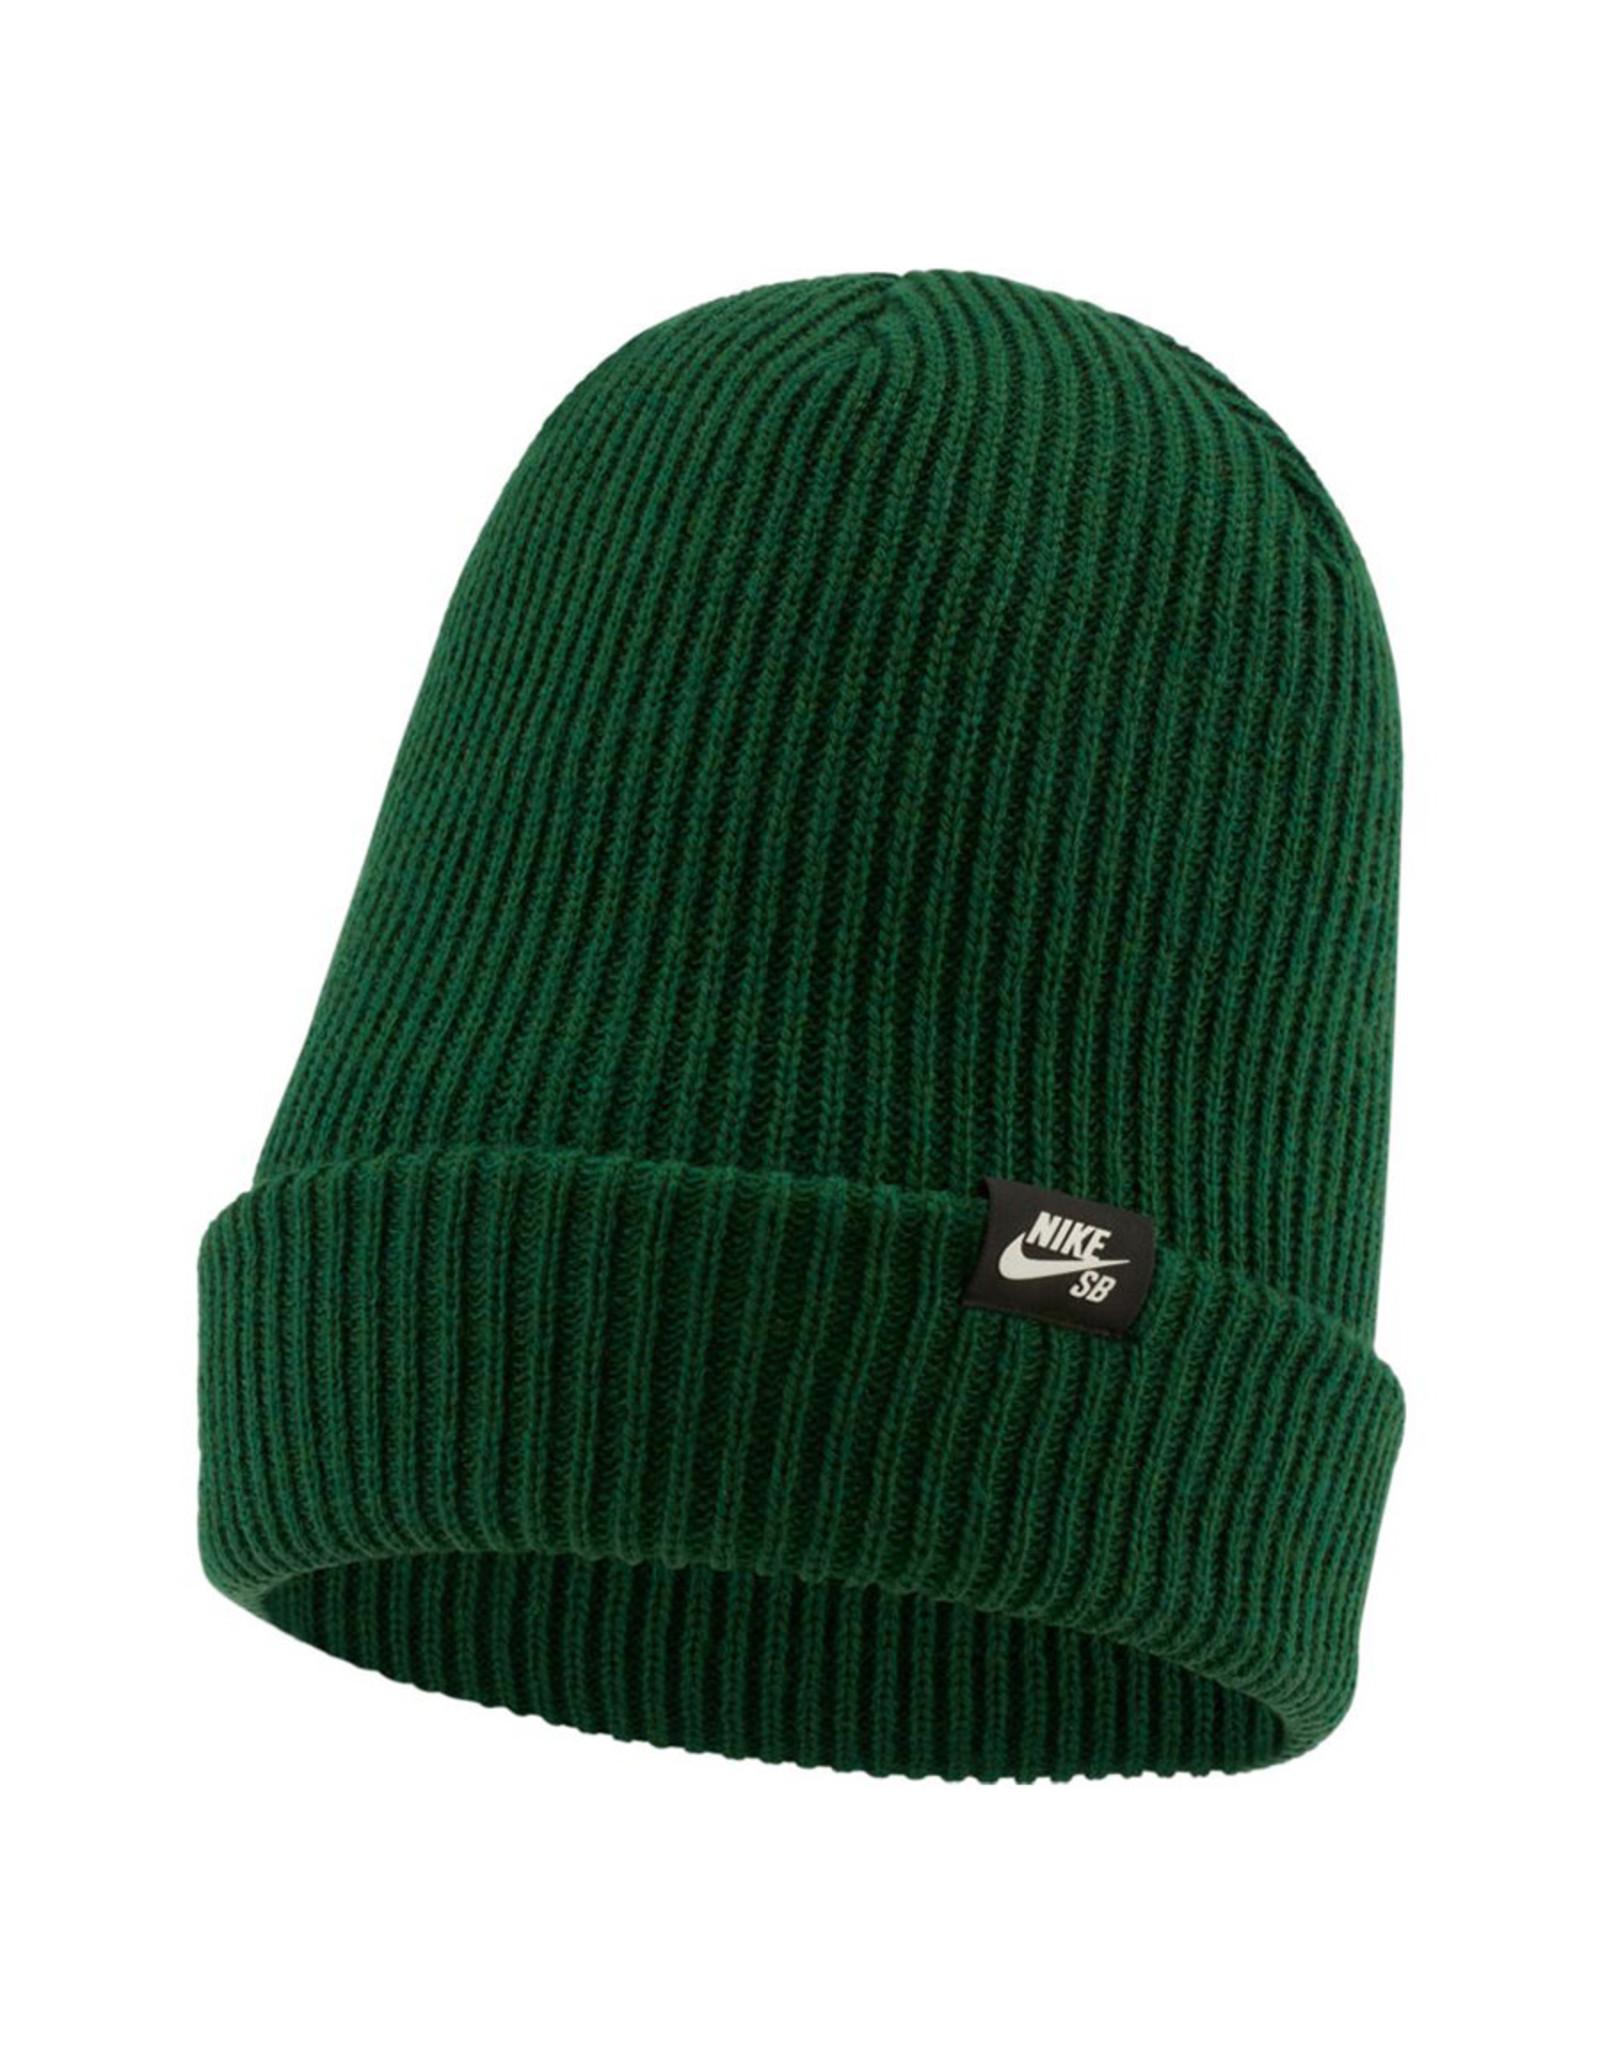 Nike SB Nike SB Beanie Fisherman Cuff (Green)